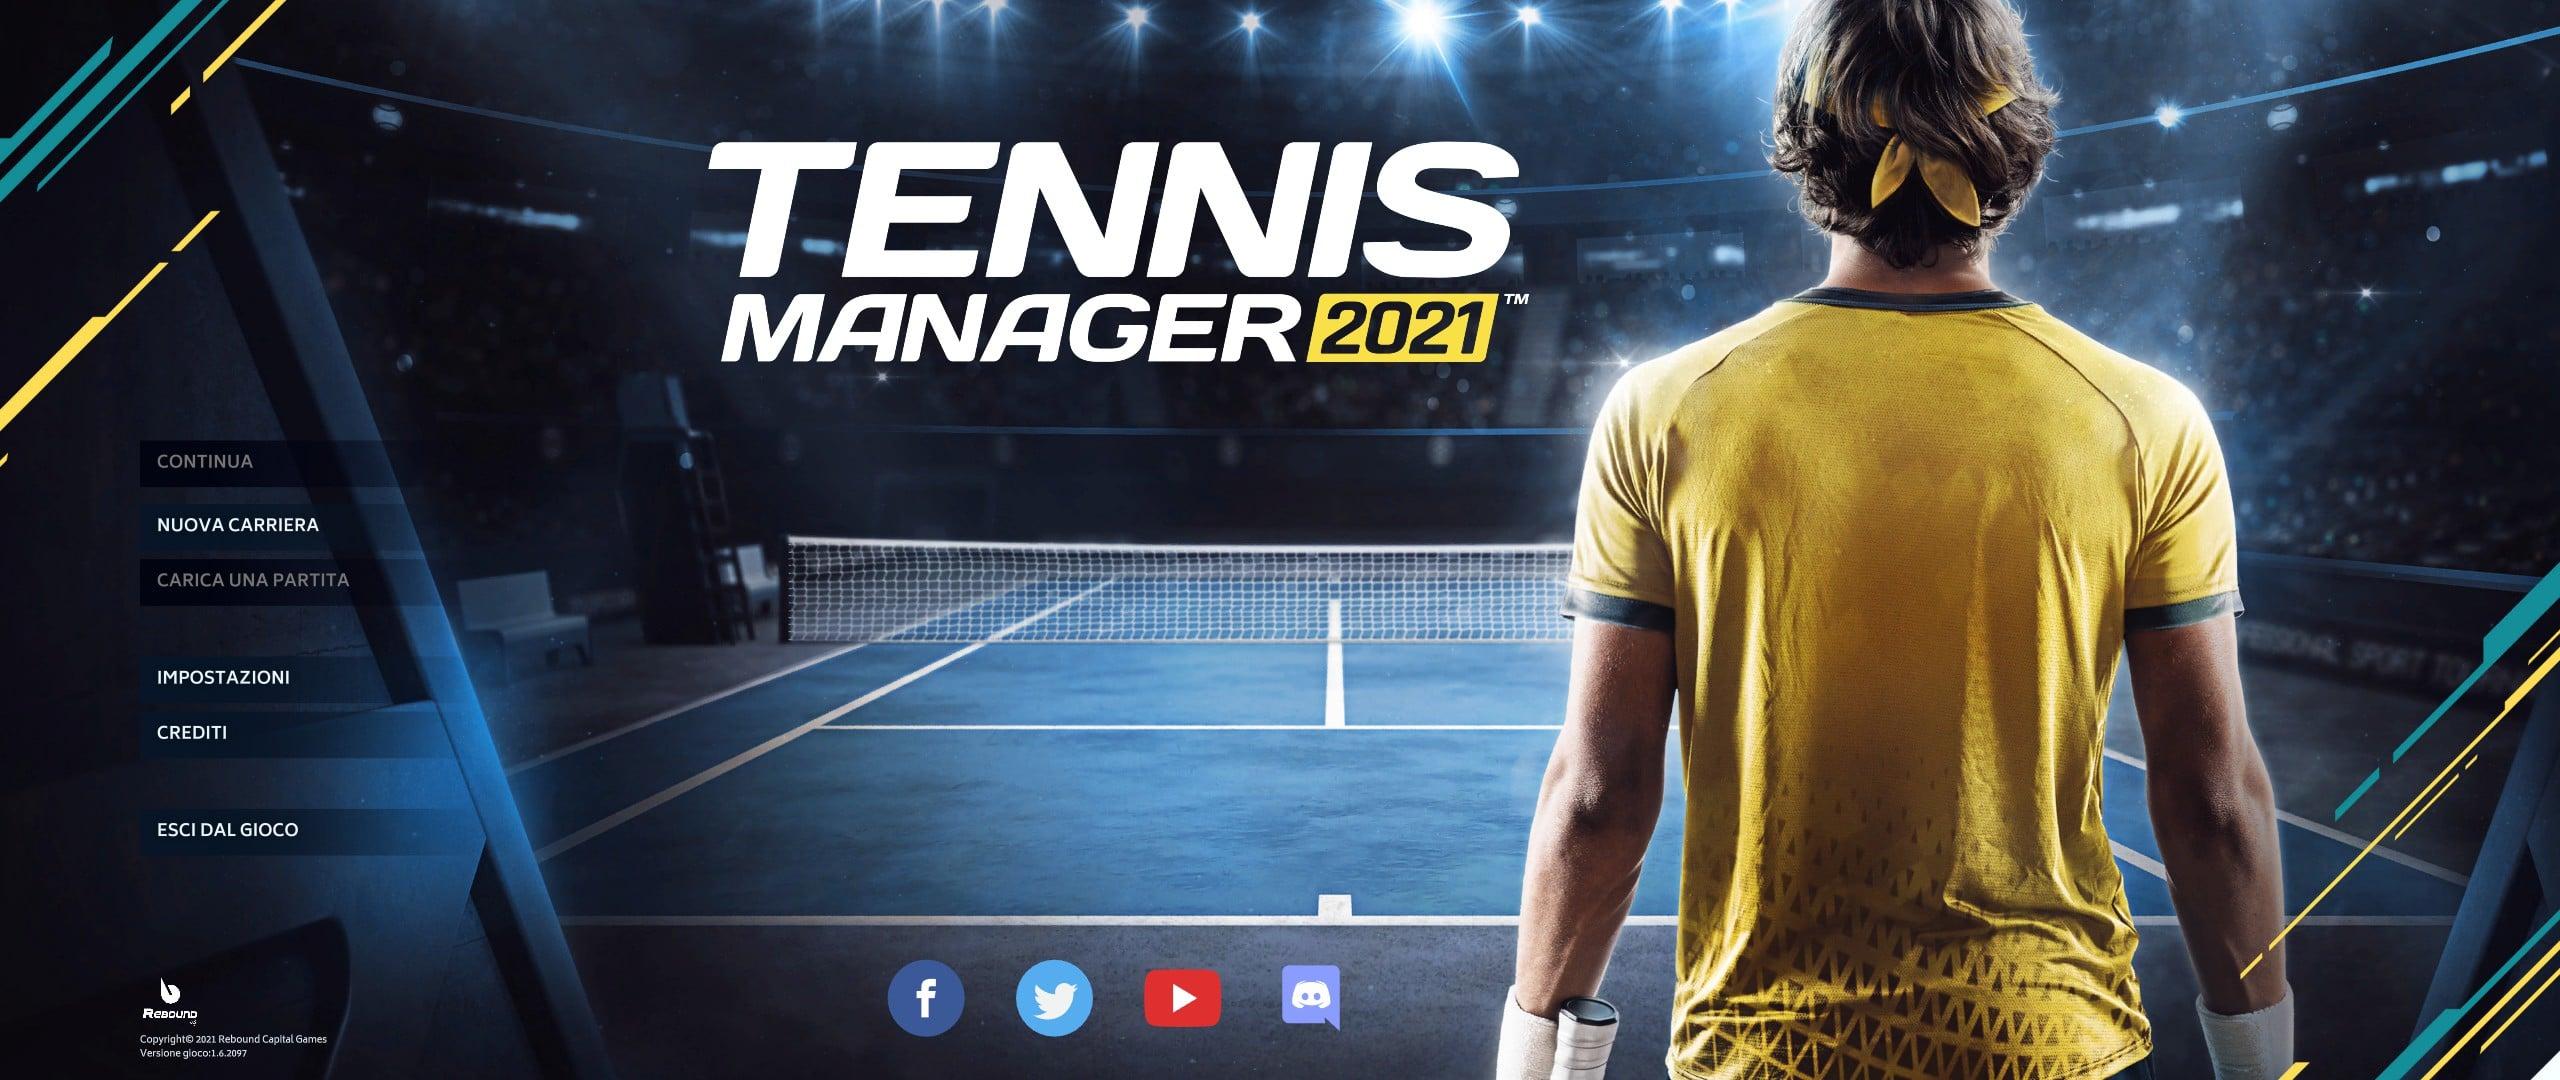 La recensione di Tennis Manager 2021: rimane ancora un anatroccolo thumbnail